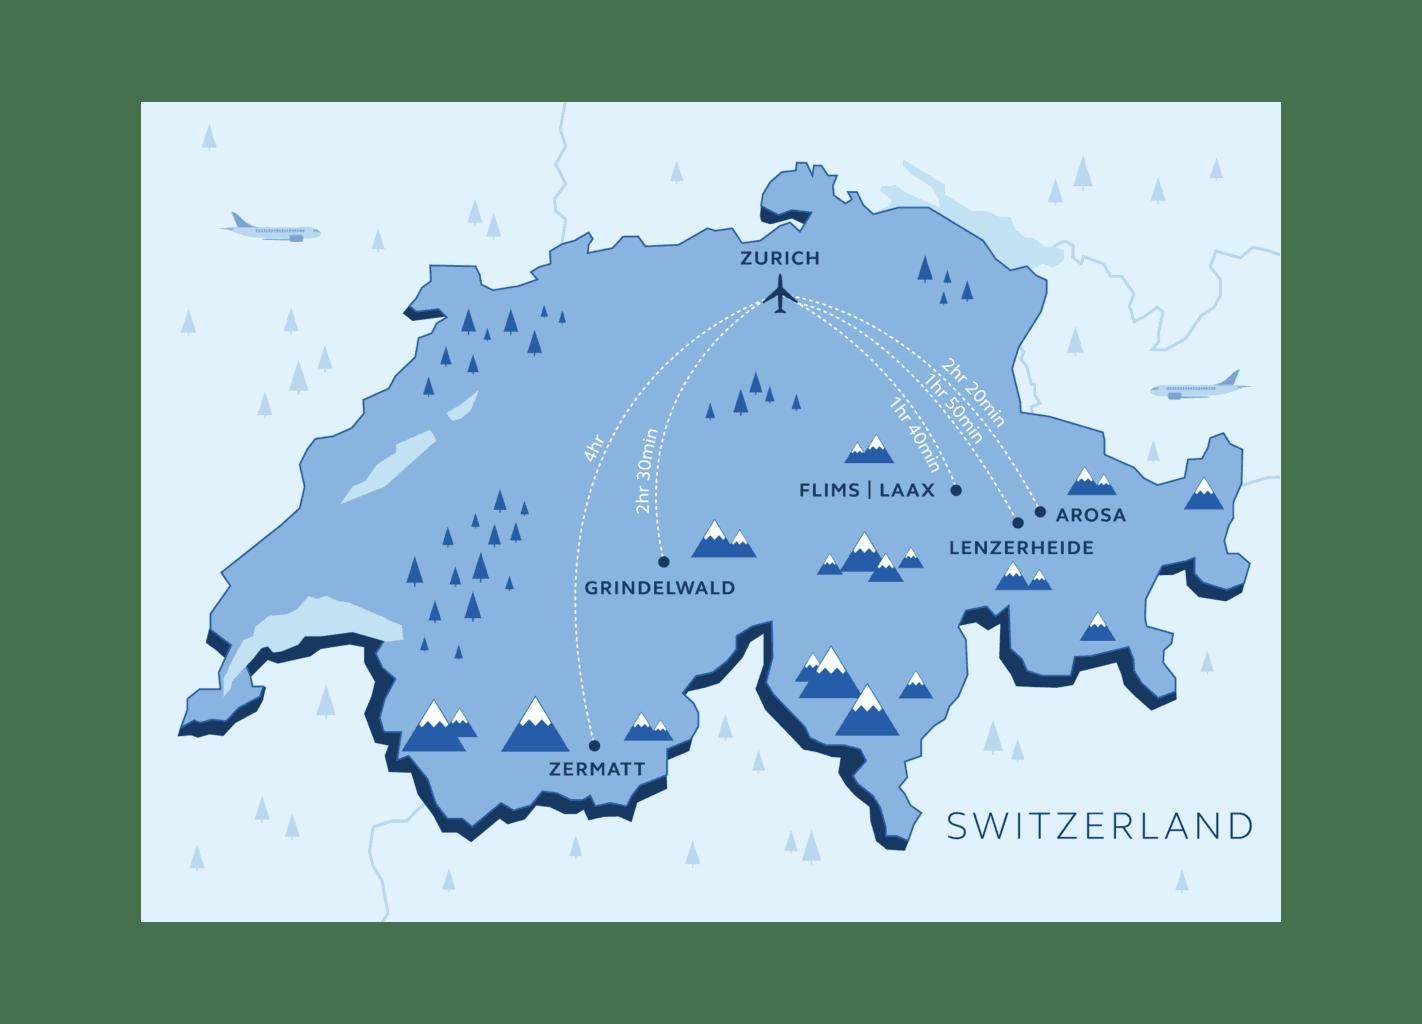 Ski Resorts Near Zurich Aiport | Skiing in Switzerland ... on map zermatt, map cities in switzerland, map ski resorts in france, map hotels in switzerland,